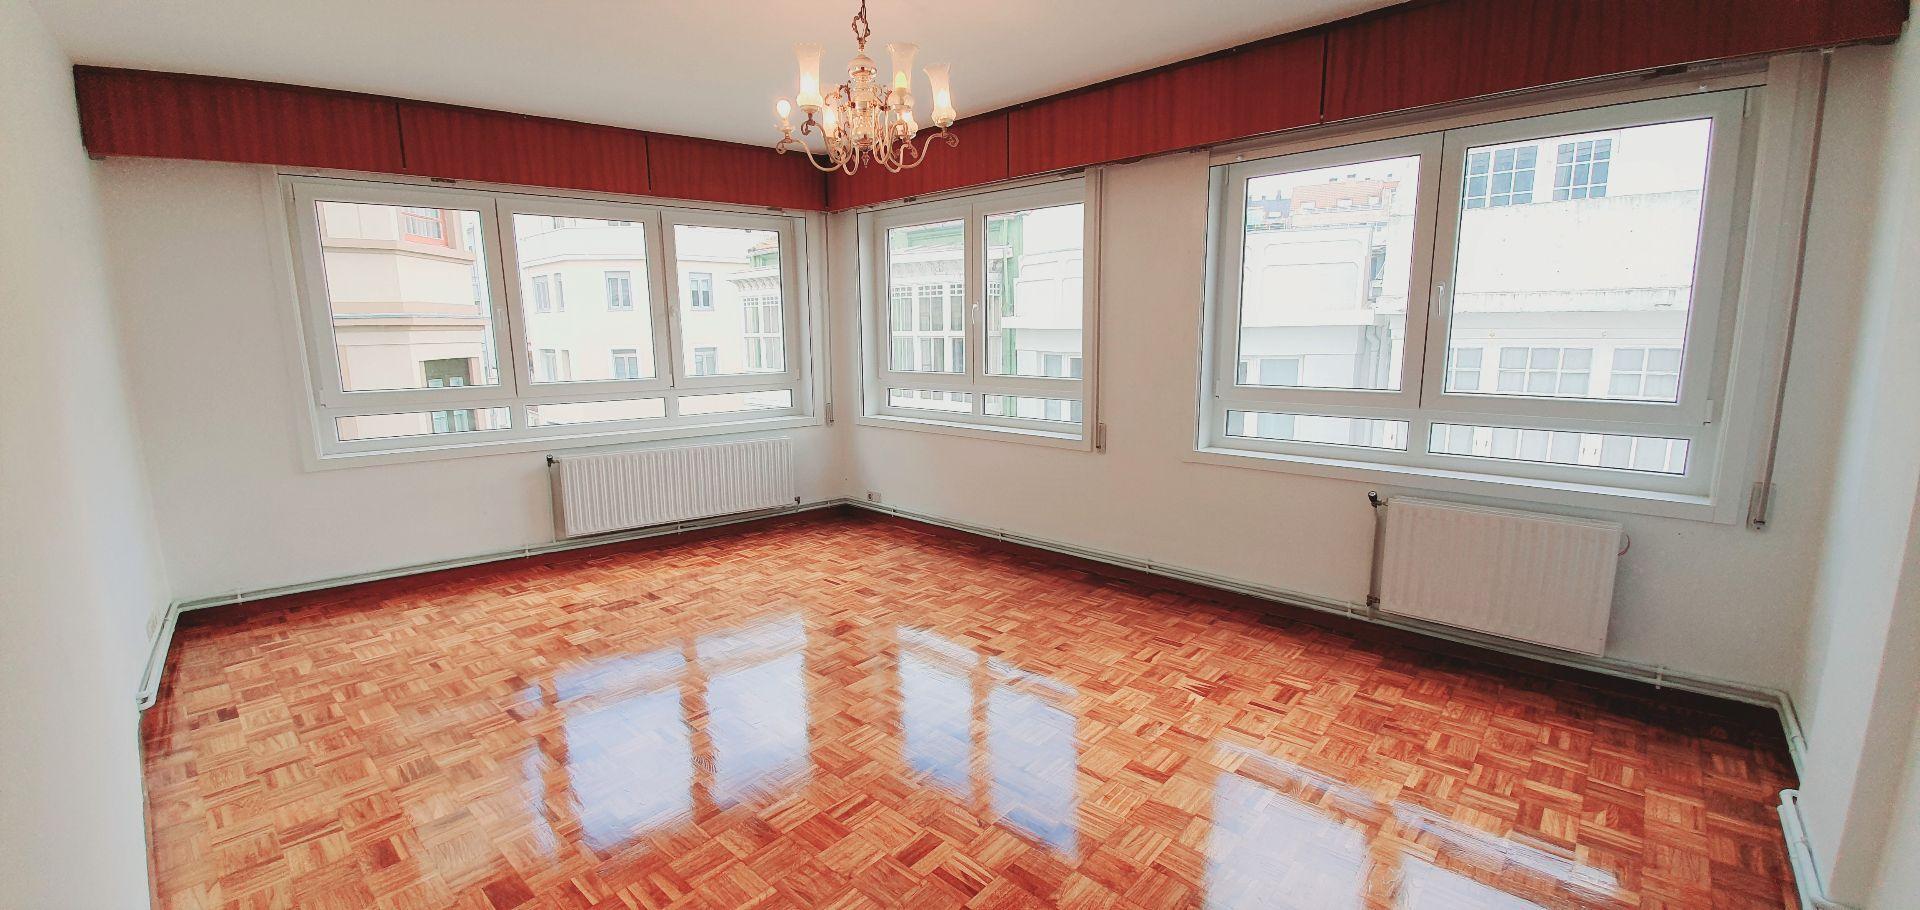 Grand Appartement à A Coruña, Monte Alto - Zalaeta - Atocha, vente